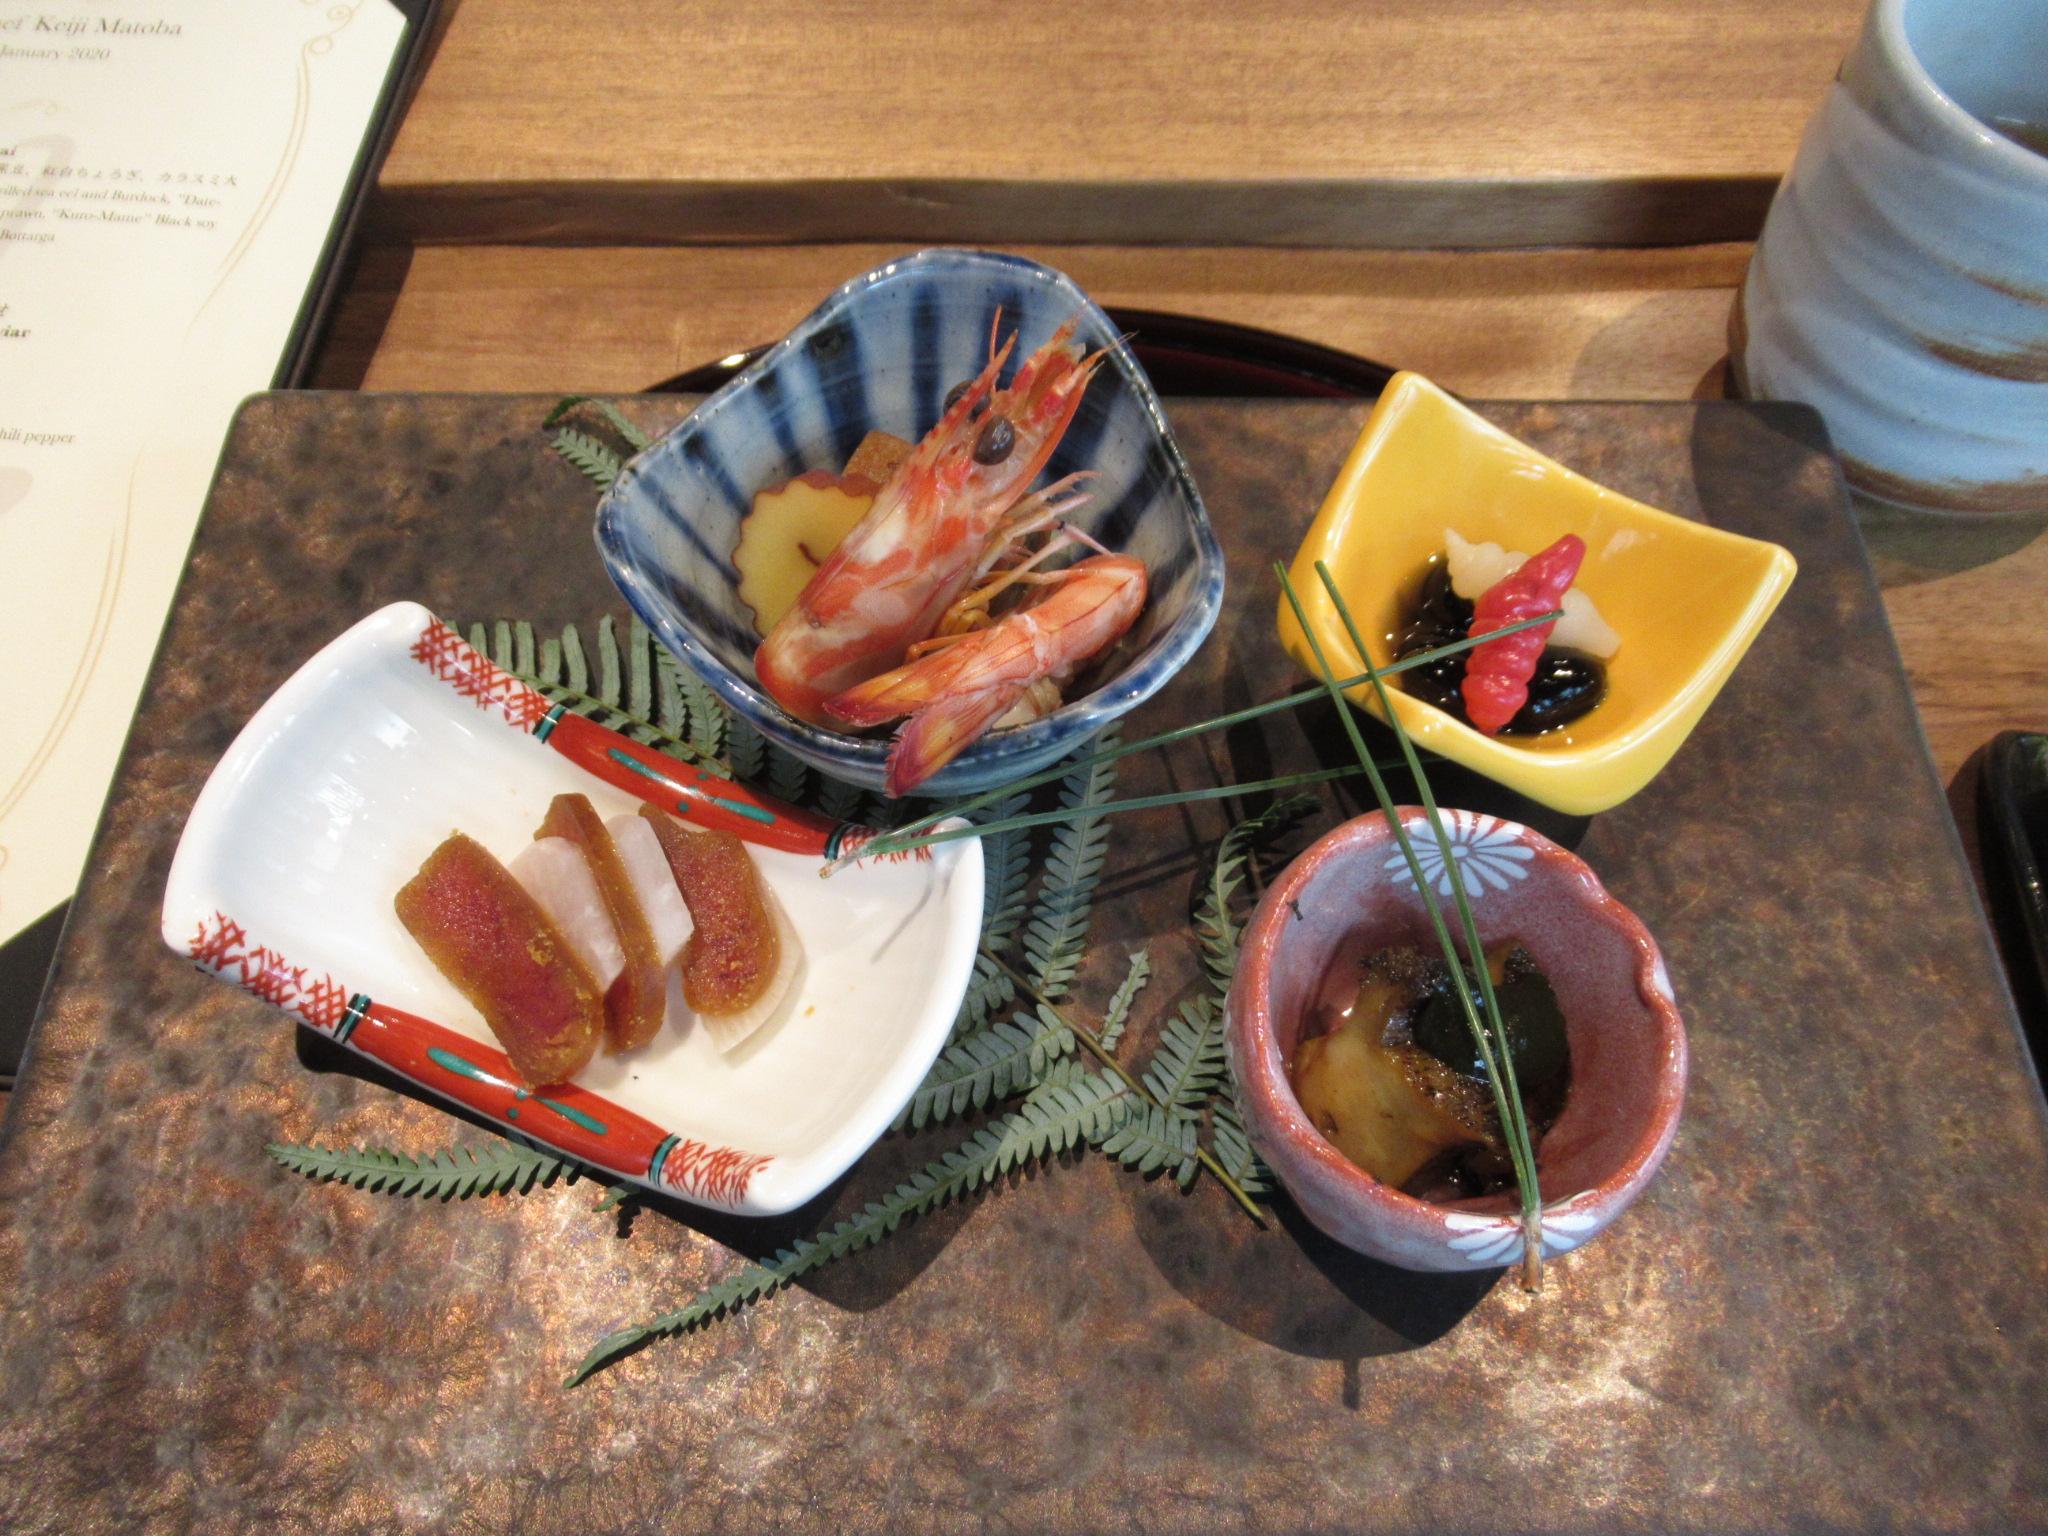 形sushiのシェフKeiji Matobaの技を堪能できる特別ディナー